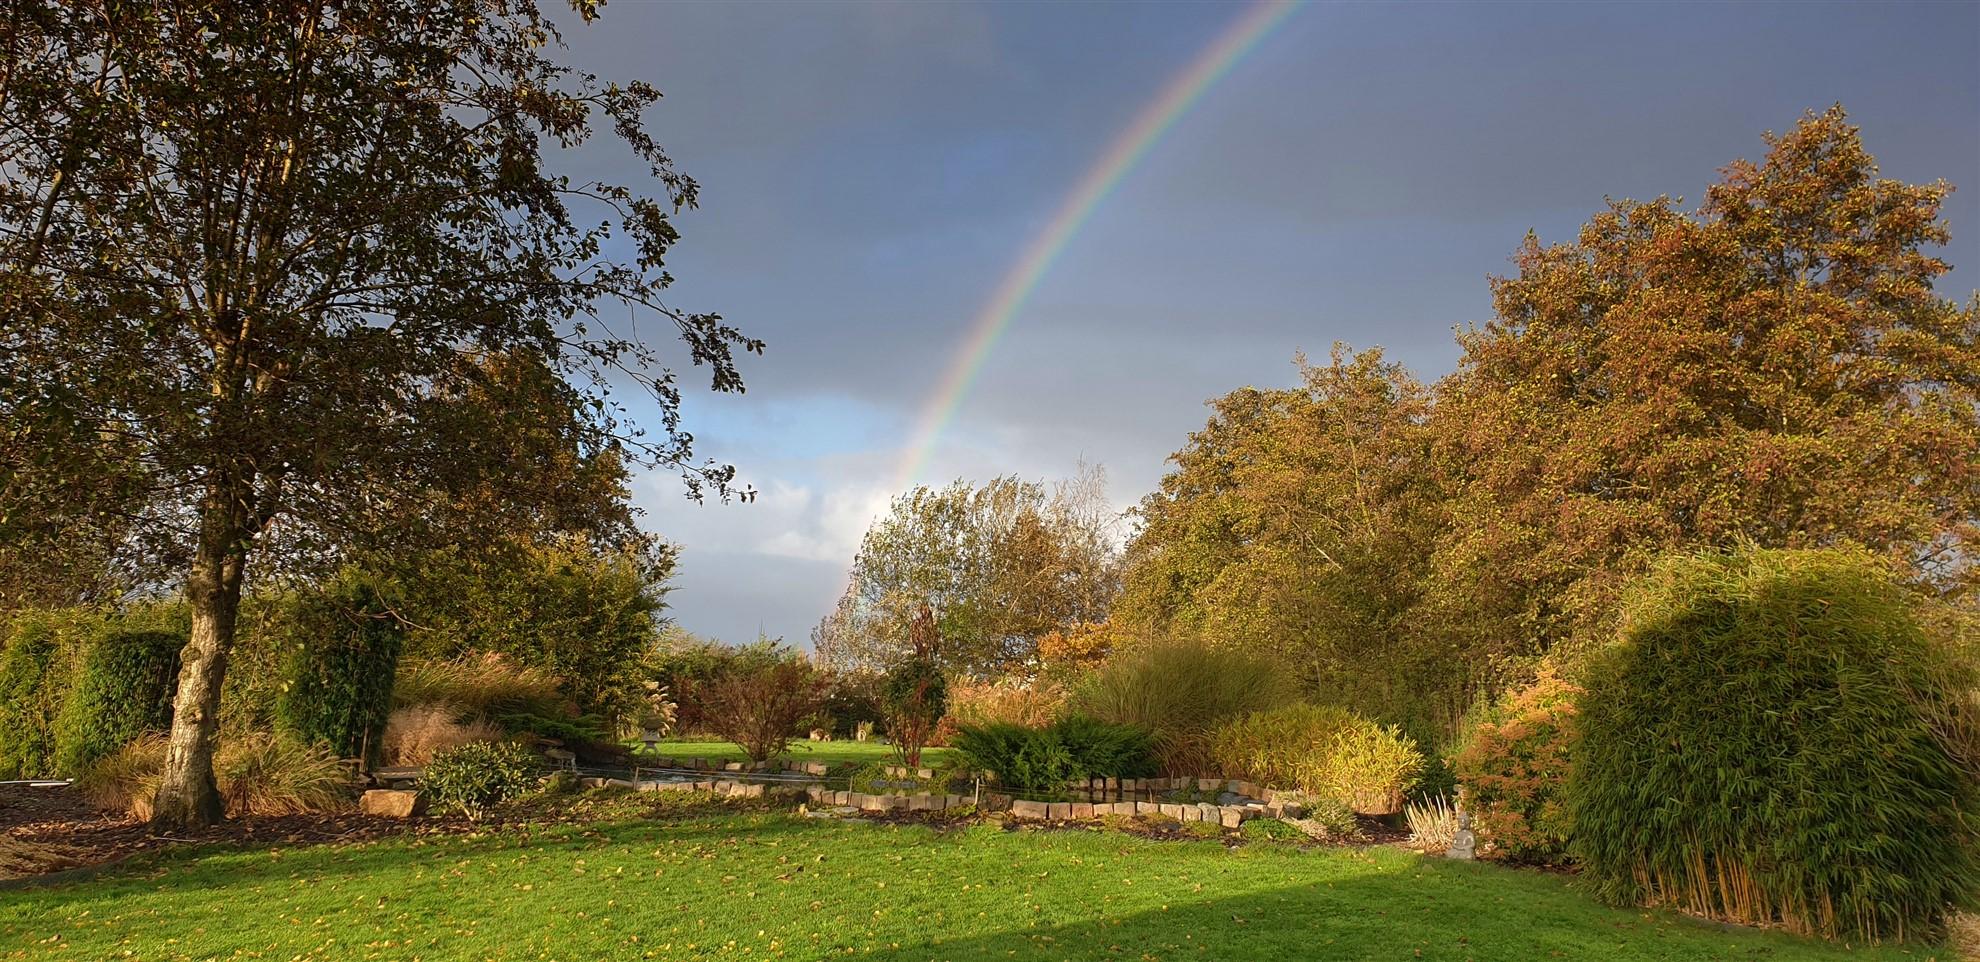 Boventoon tuin regenboog